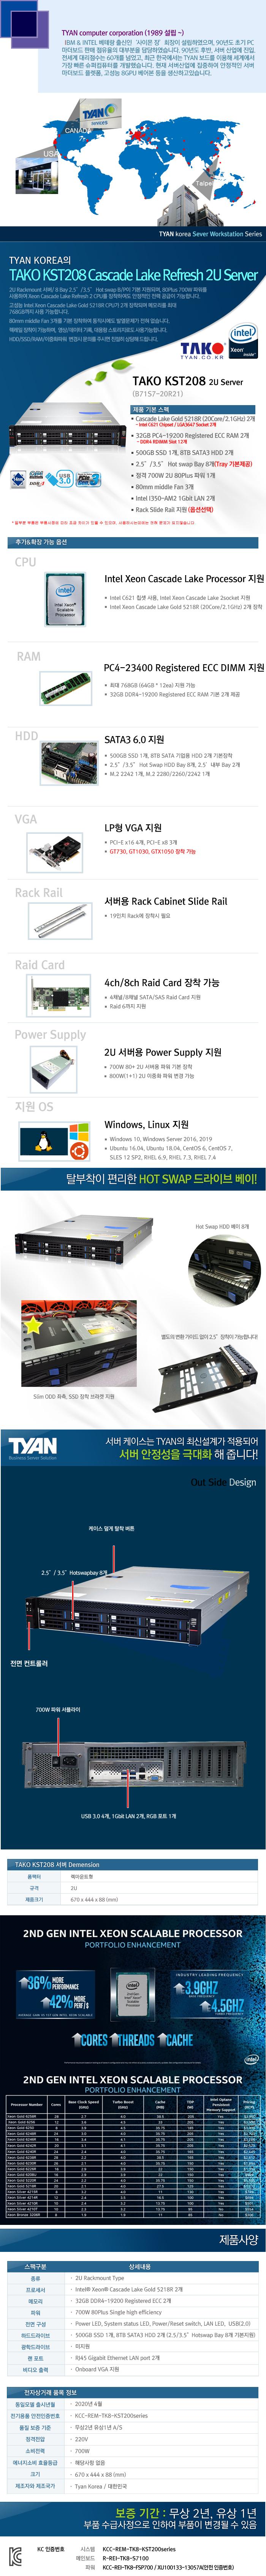 TYAN TAKO-KST208-(B71S7-20R21) (64GB, SSD 500GB + 16TB)